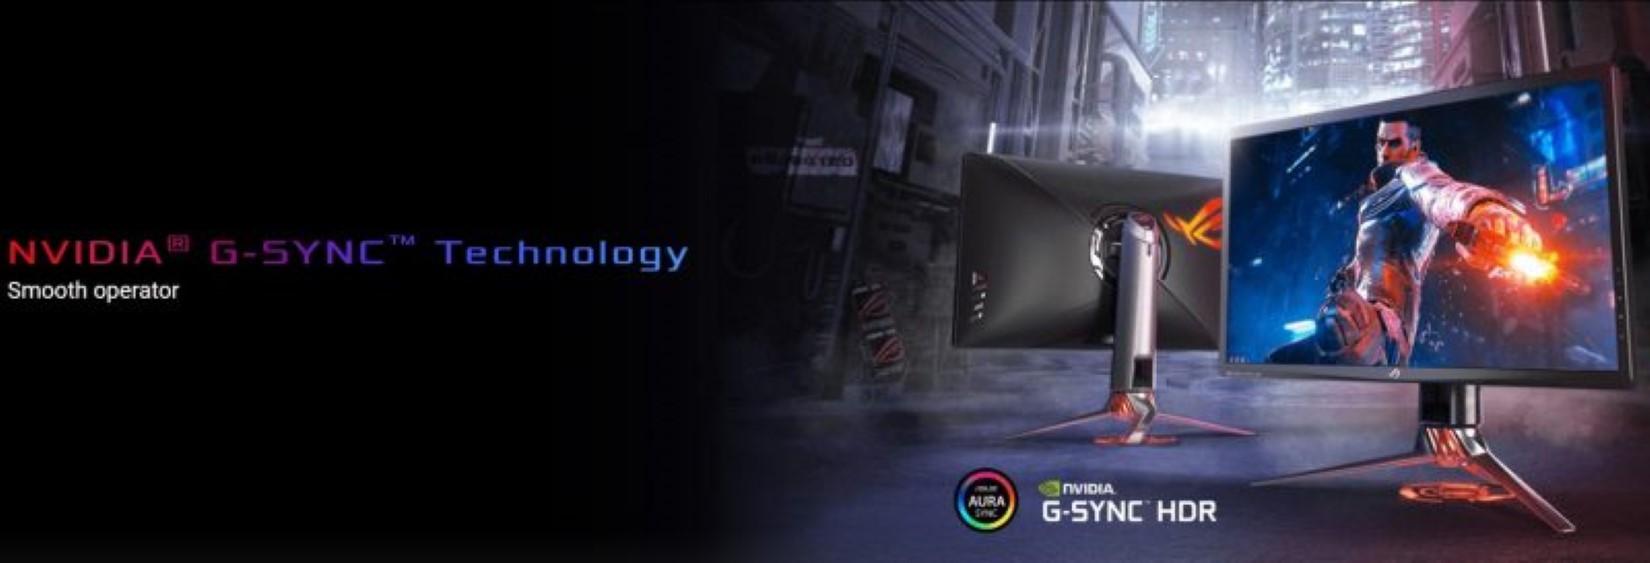 Card màn hình ASUS ROG TRIX GTX 1650 Super-4G GAMING